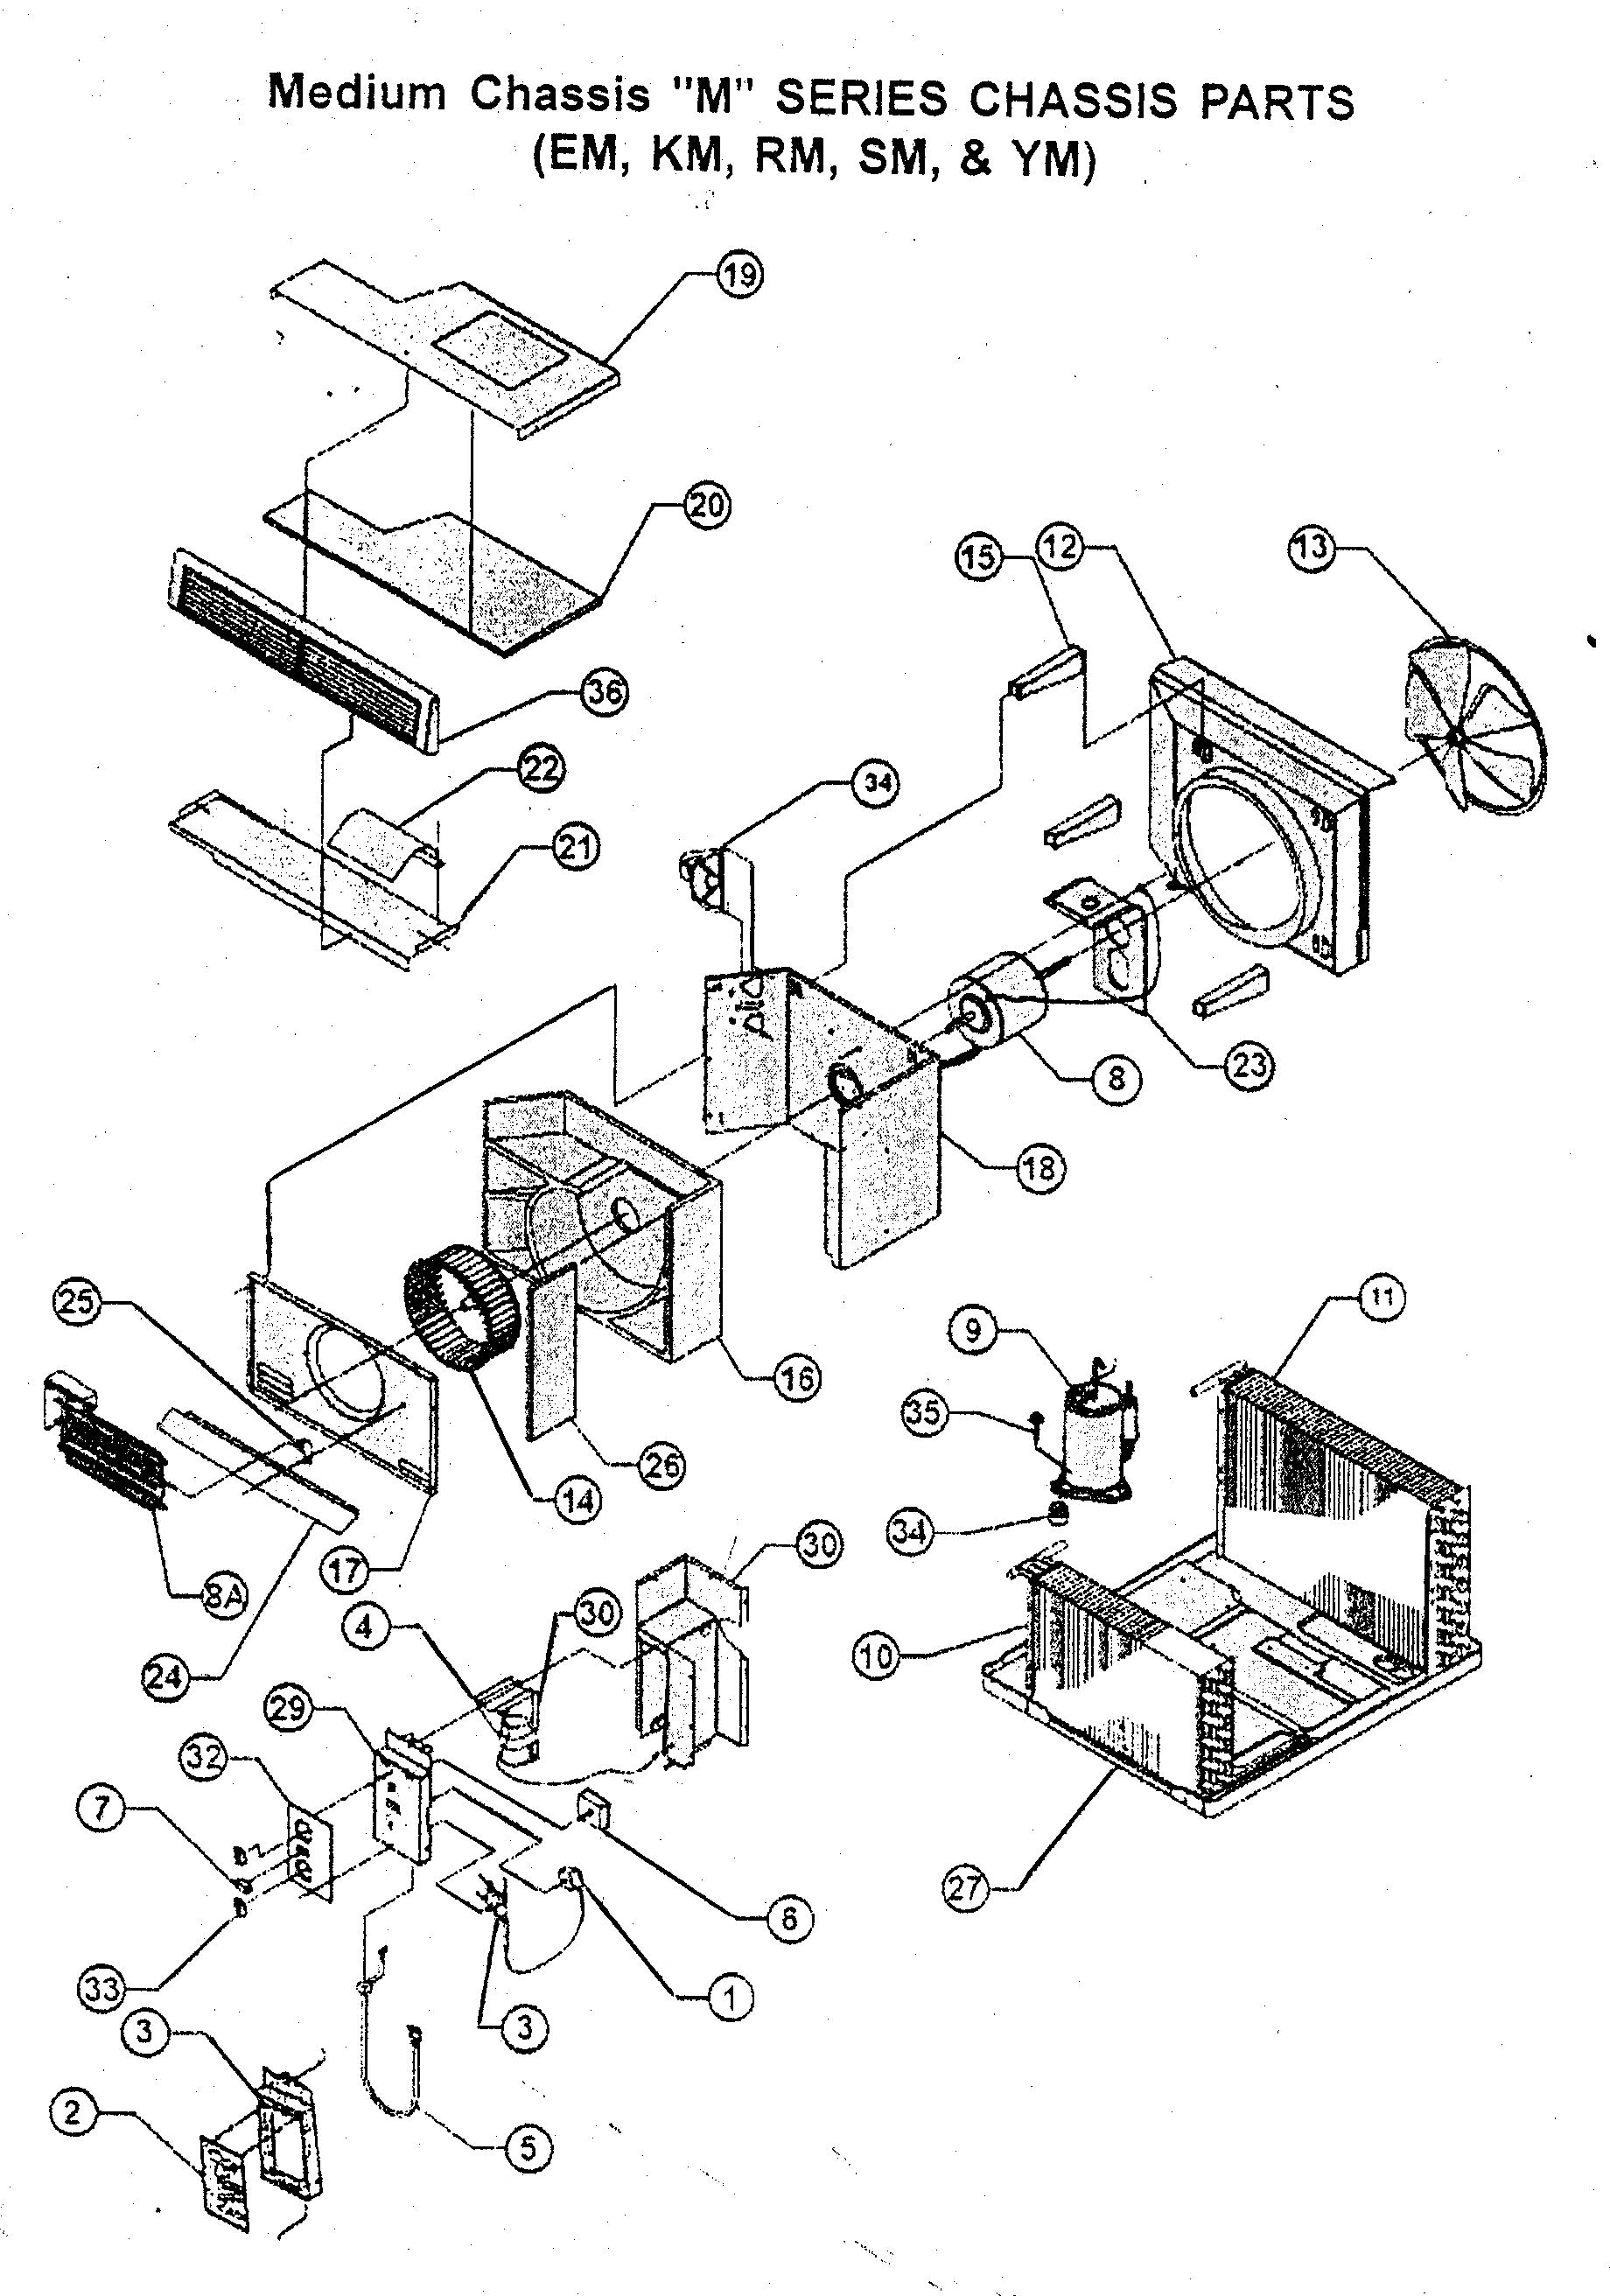 CHASSIS PARTS Diagram & Parts List for Model em18j34bb